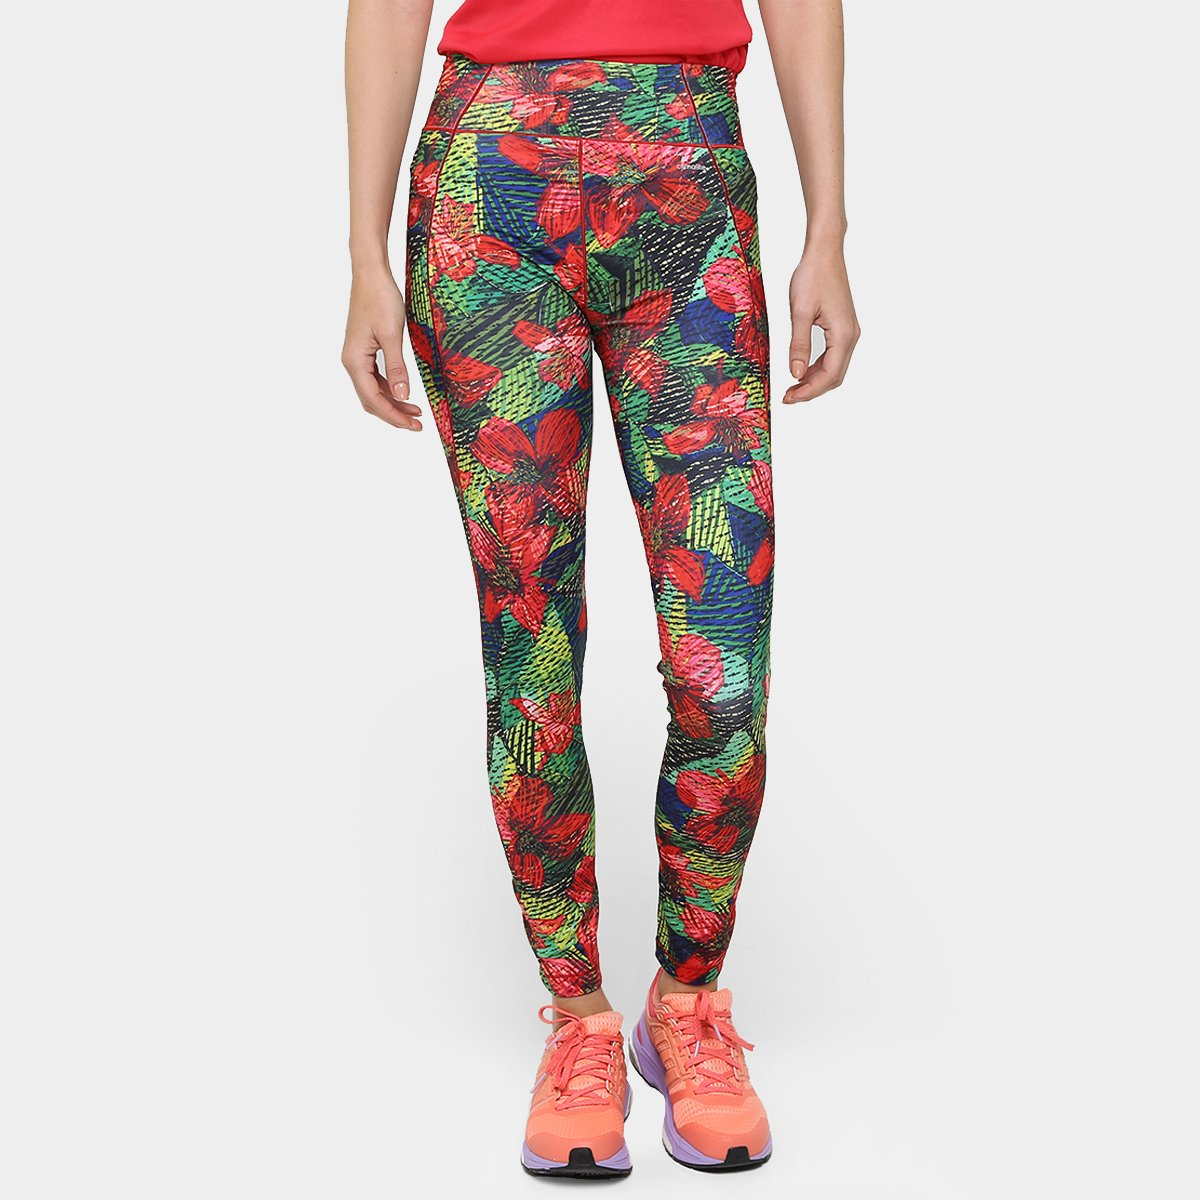 fc3542ac4f5 Calça Legging Adidas G2 Salinas Feminina - Vermelho e Verde - Compre Agora